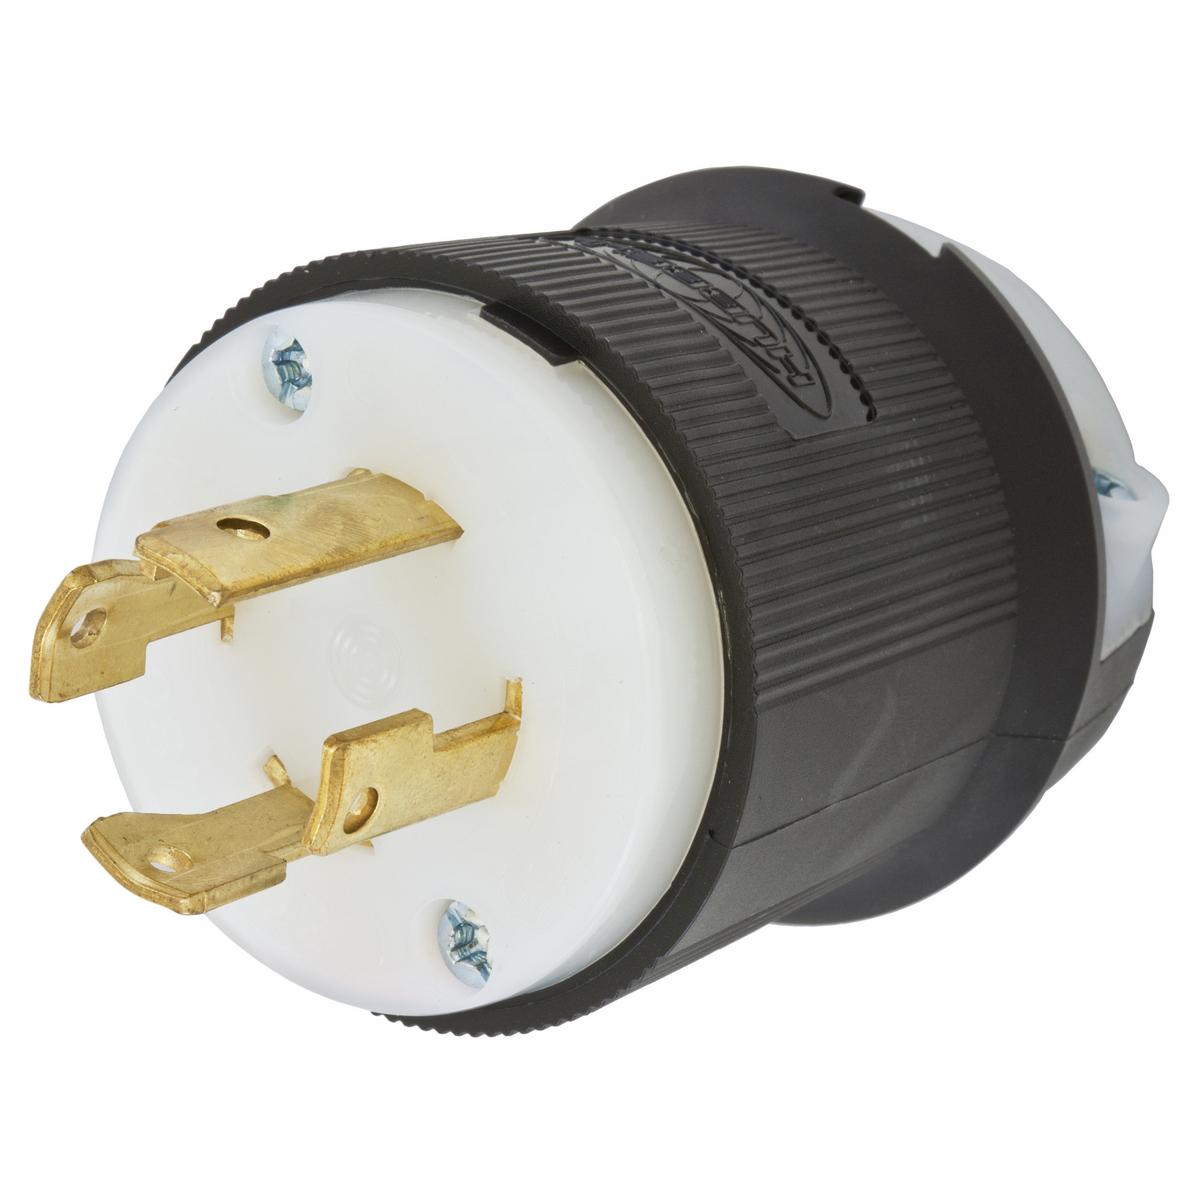 l16 30 wiring diagram hbl2731 wiring device kellems  hbl2731 wiring device kellems